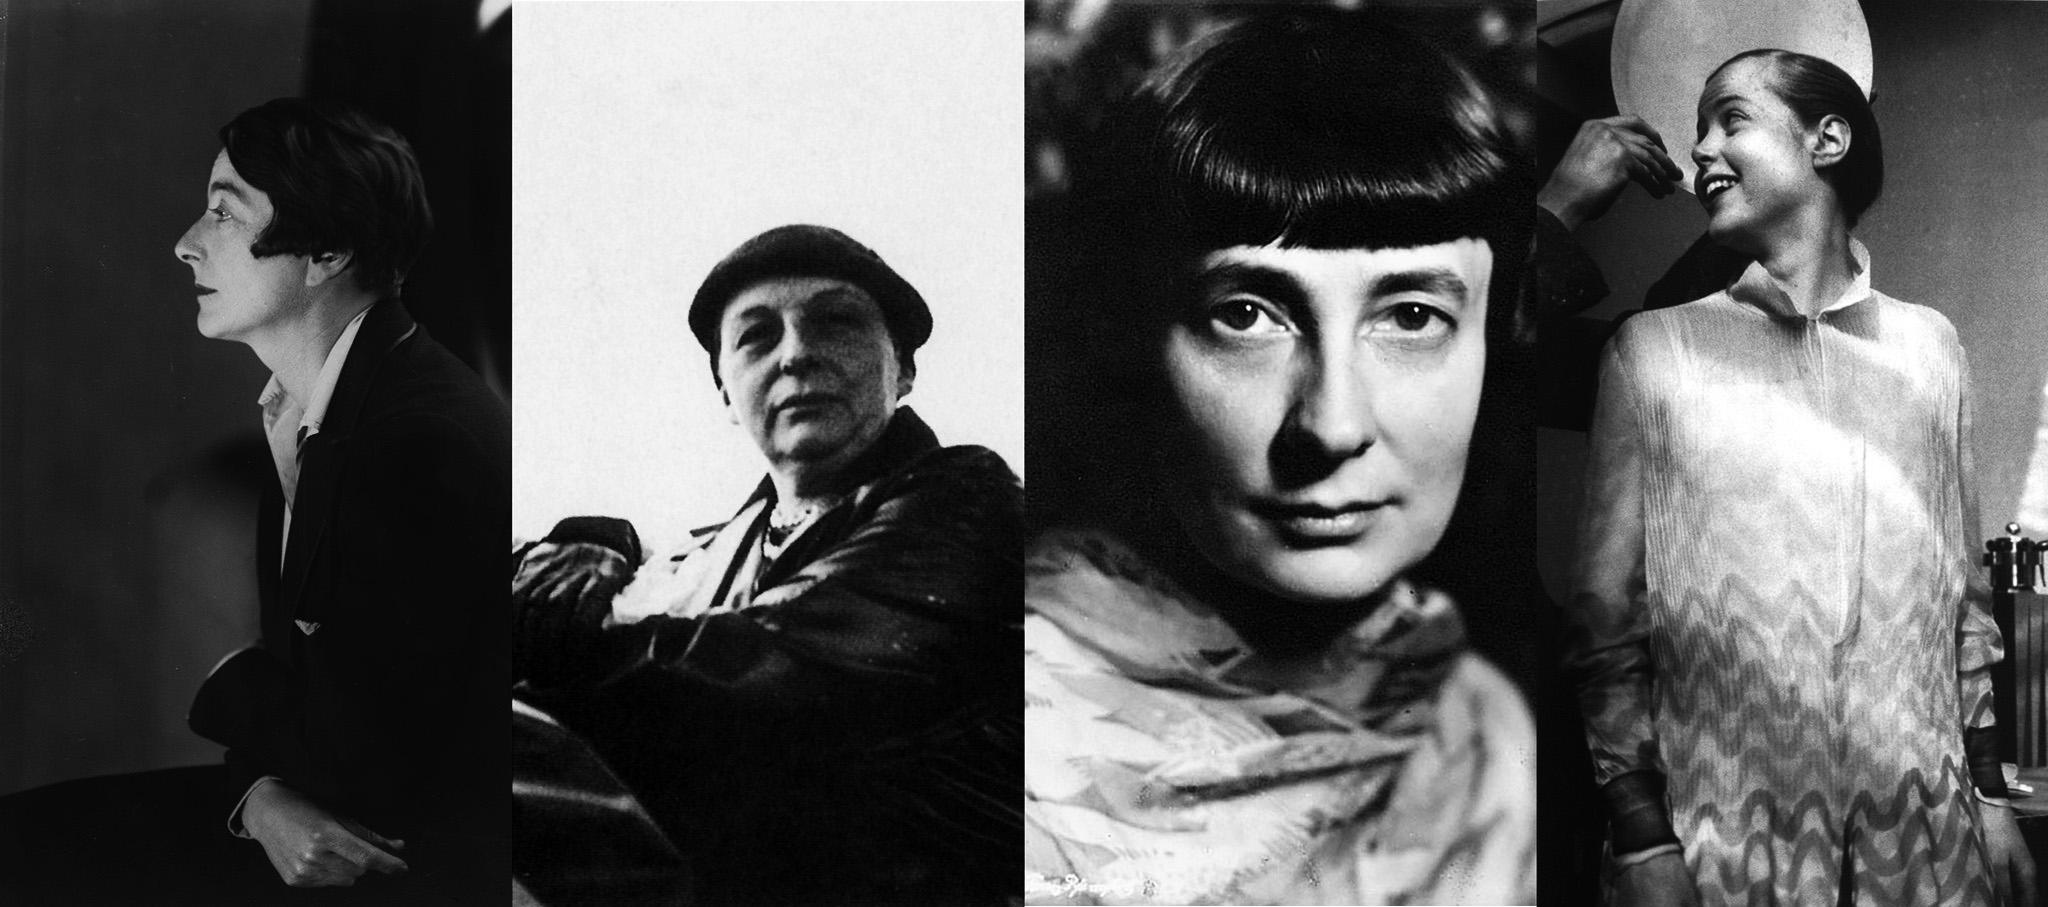 Eileen Gray (Enniscorthy, Irlanda, 1878-París, 1976), Lilly Reich (Berlín, 1885-1947), Margarete Schütte-Lihotzky (Viena, 1897-2000) y Charlotte Perriand (París, 1903-1999)